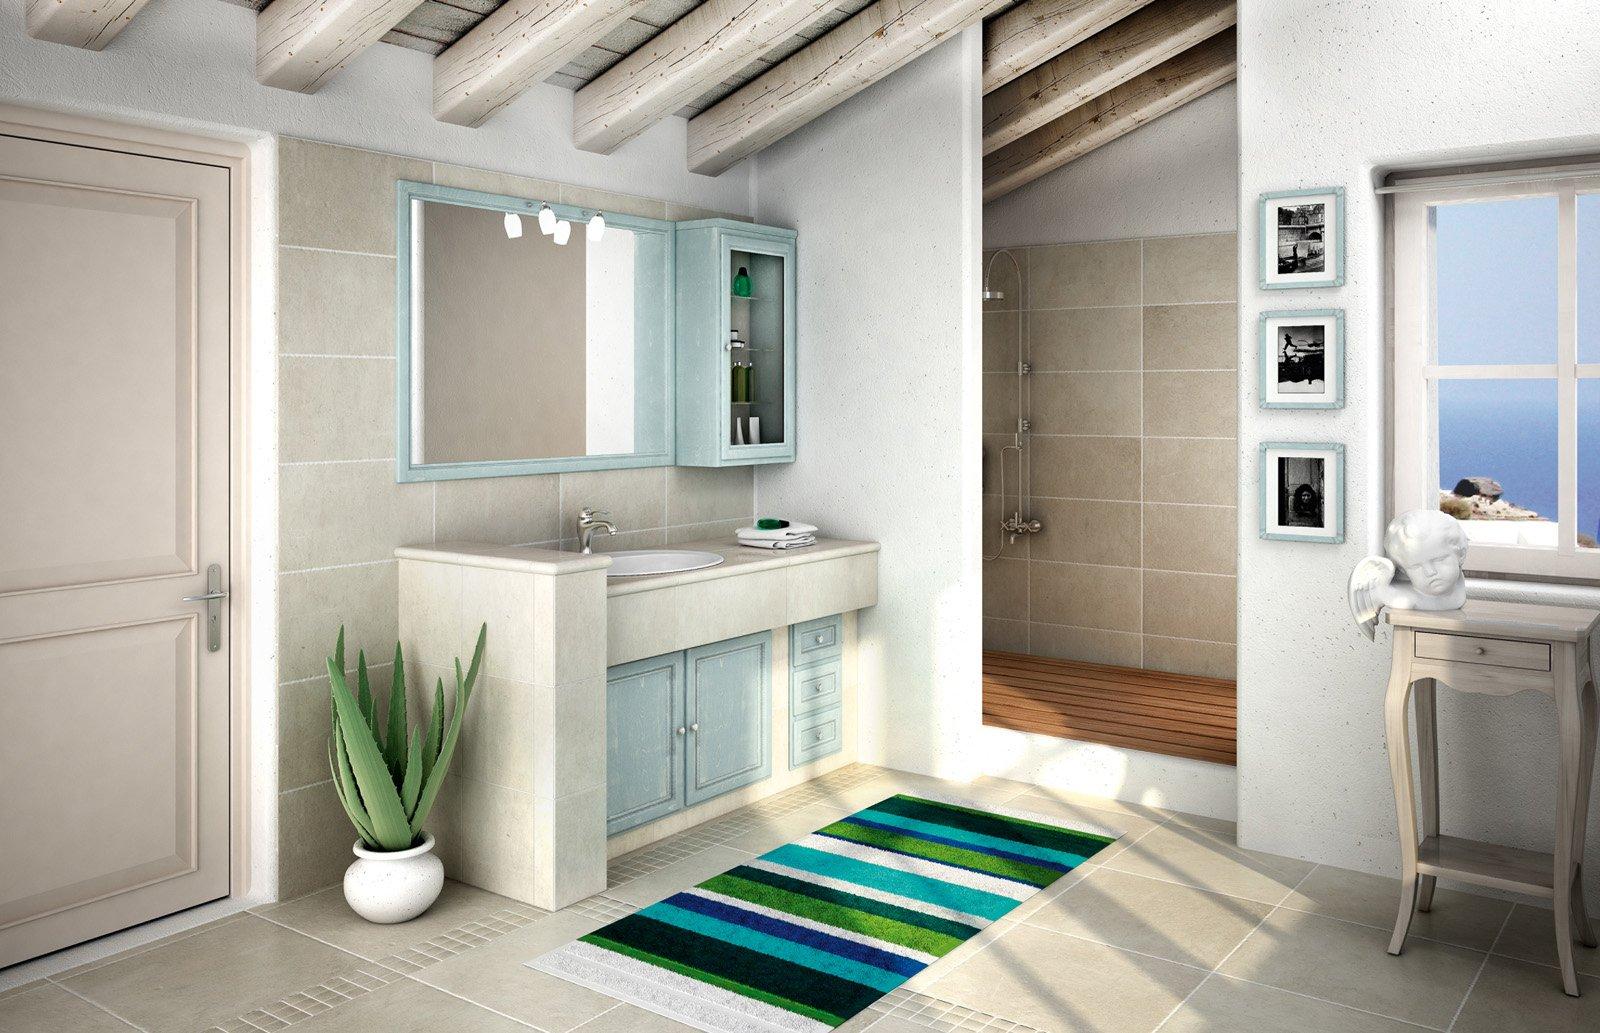 Mobile bagno classico effetto muratura cose di casa - Lavabo bagno muratura ...